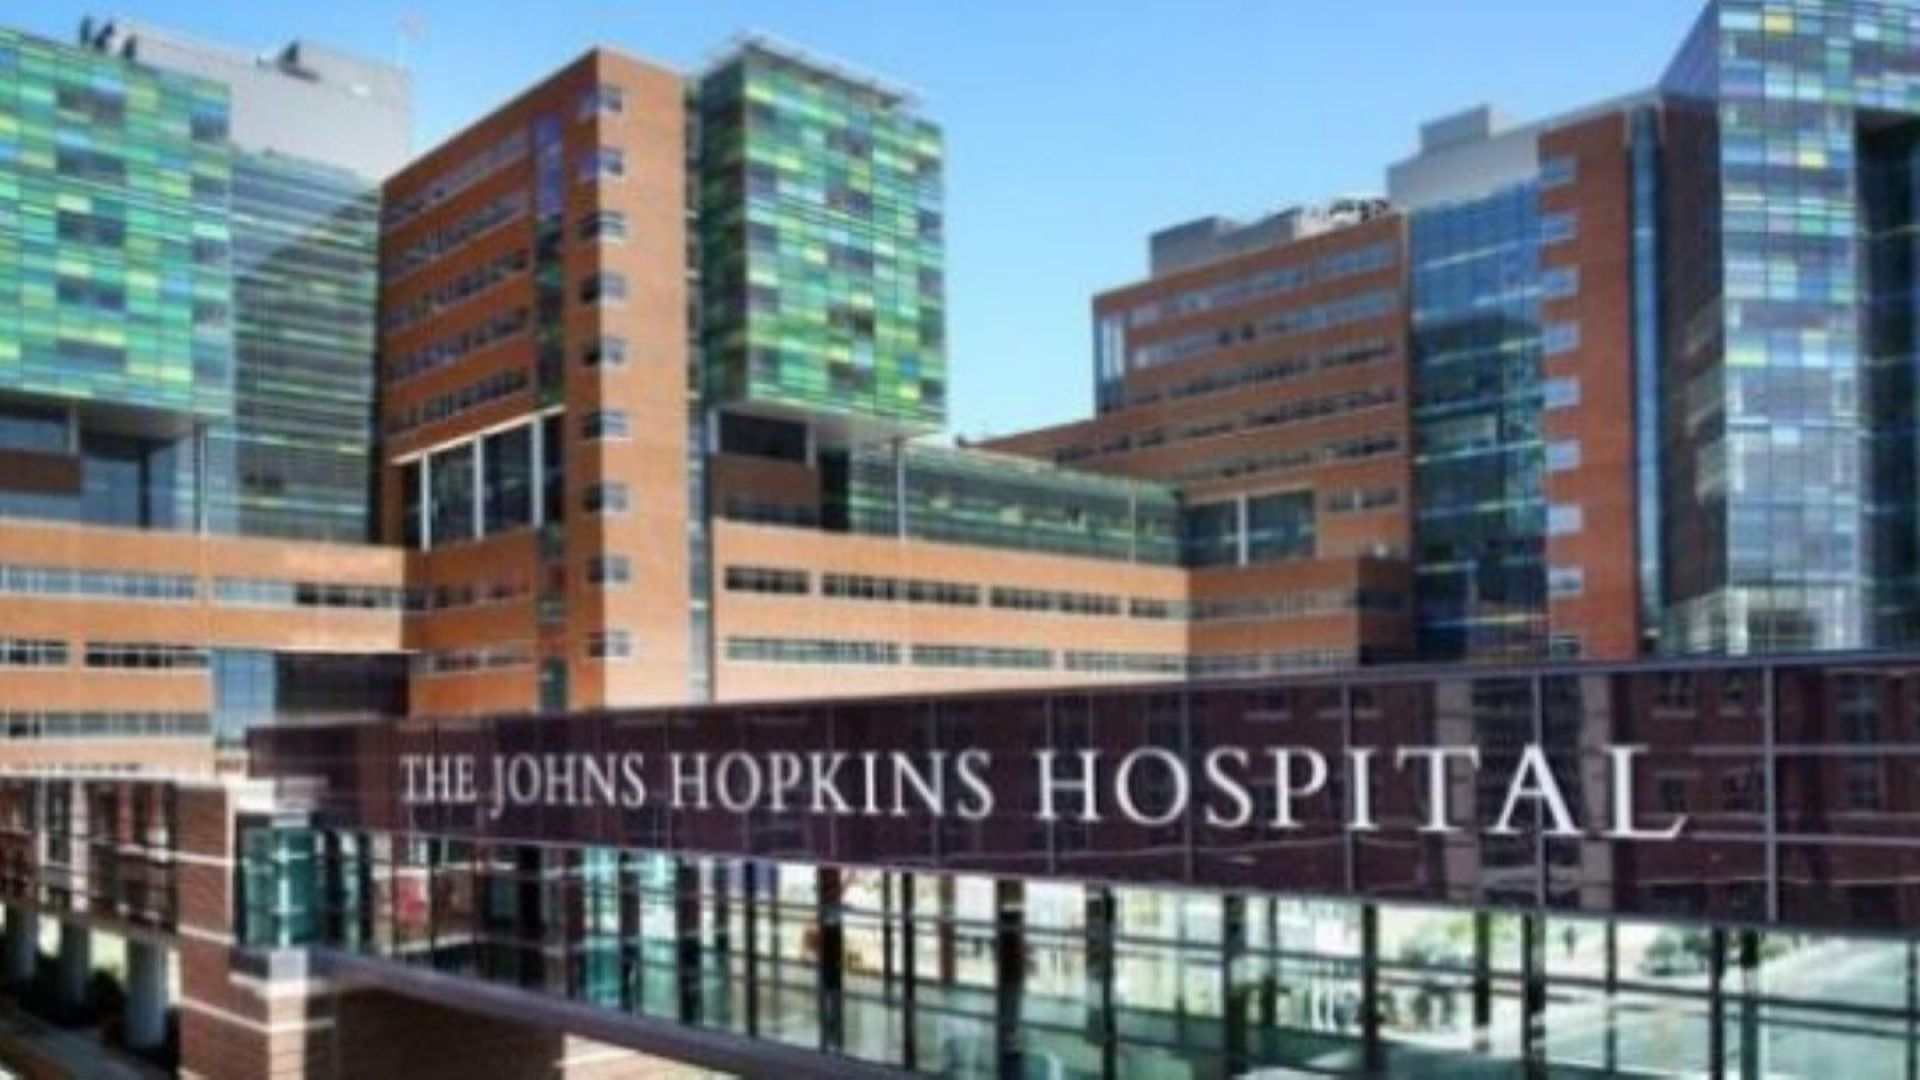 Евакуираха болница в Балтимор заради вероятно изтичане на туберкулозен щам